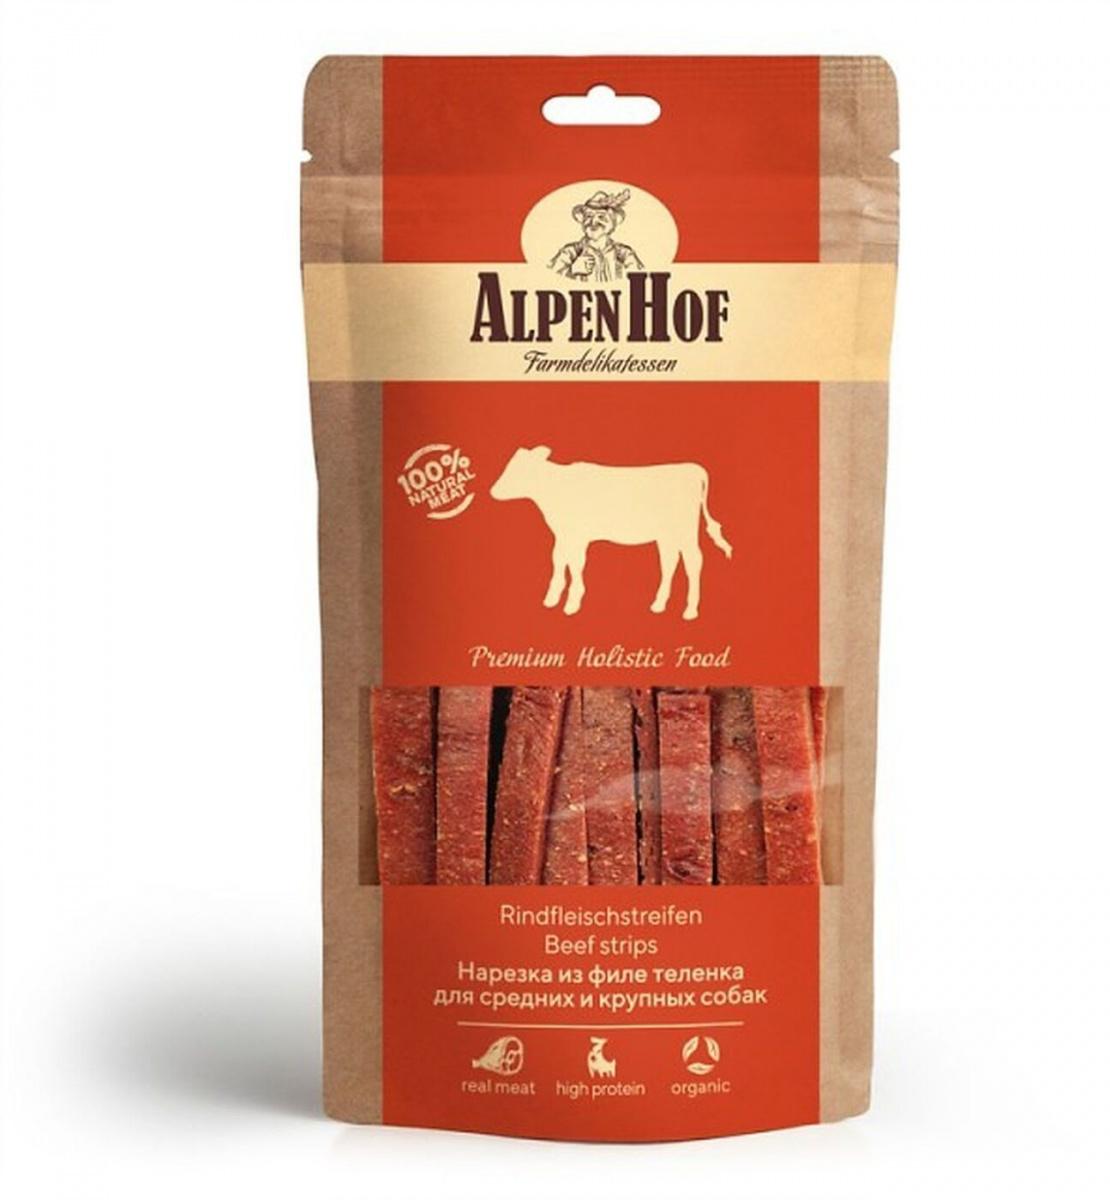 Лакомство для собак AlpenHof Нарезка из филе теленка, для средних и крупных пород, 80г